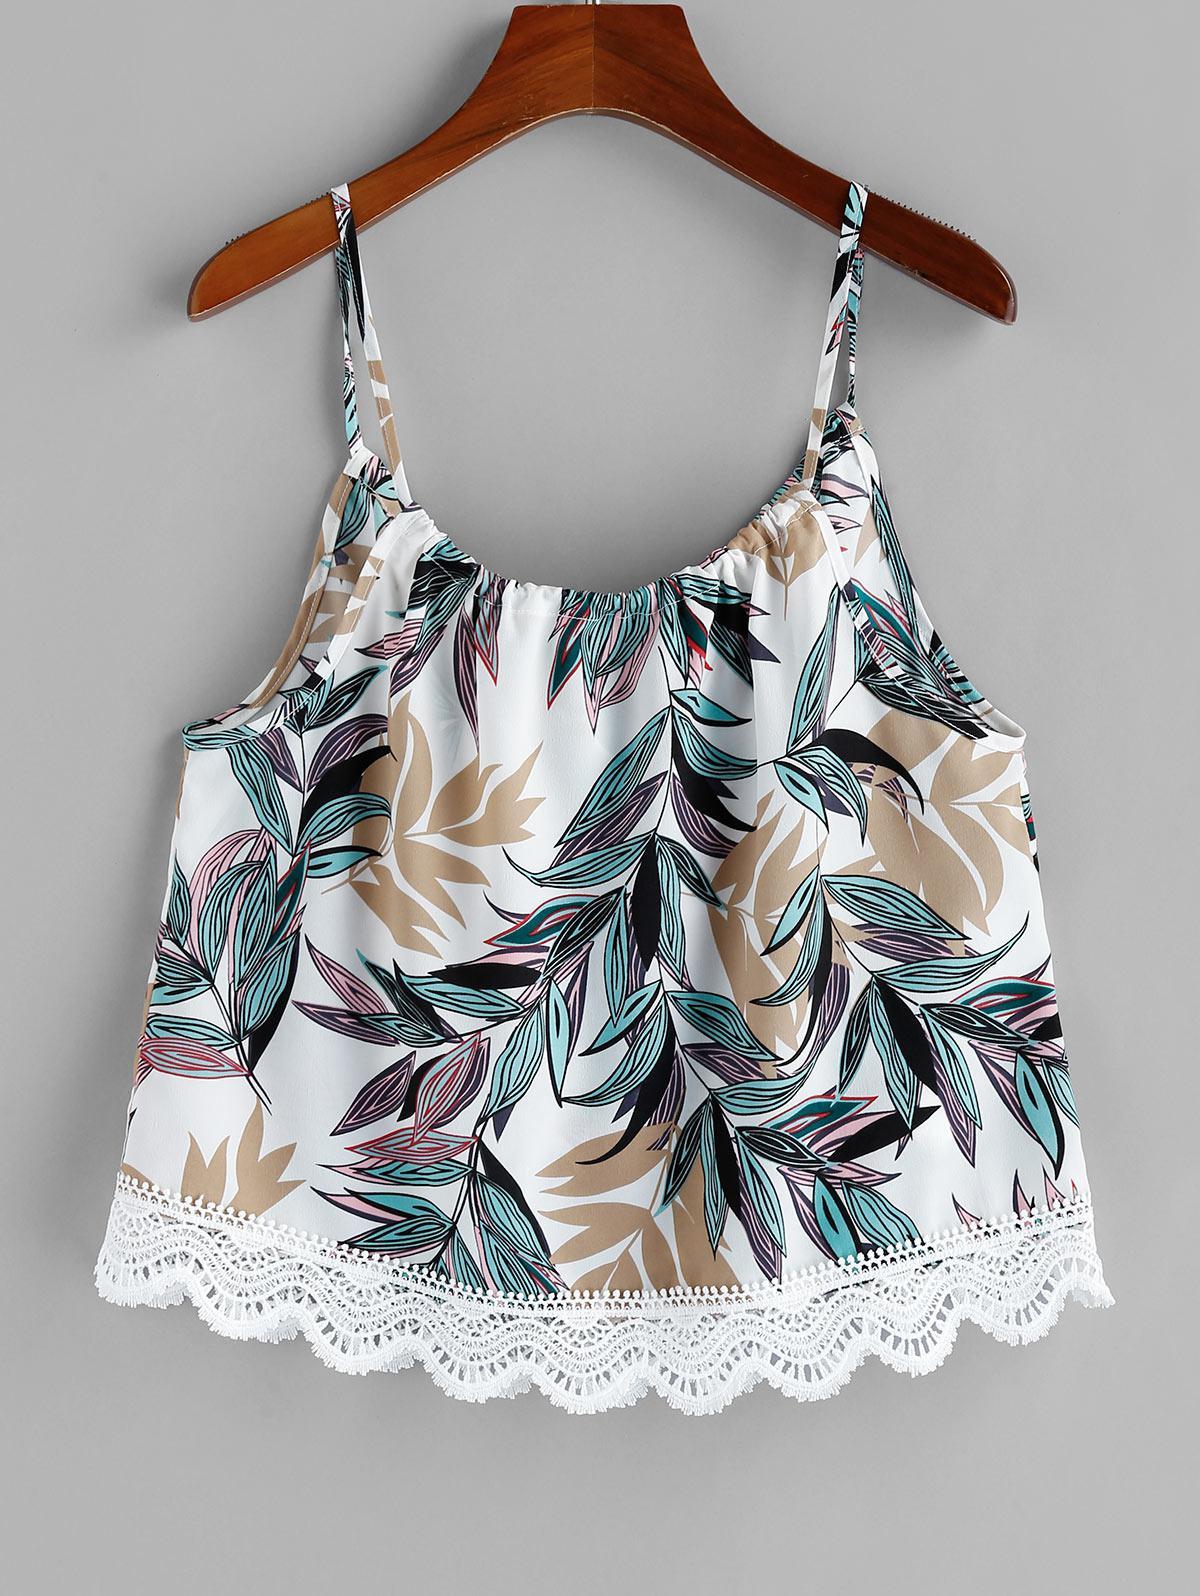 ZAFUL Lace Trim Leaf Print Cami Top